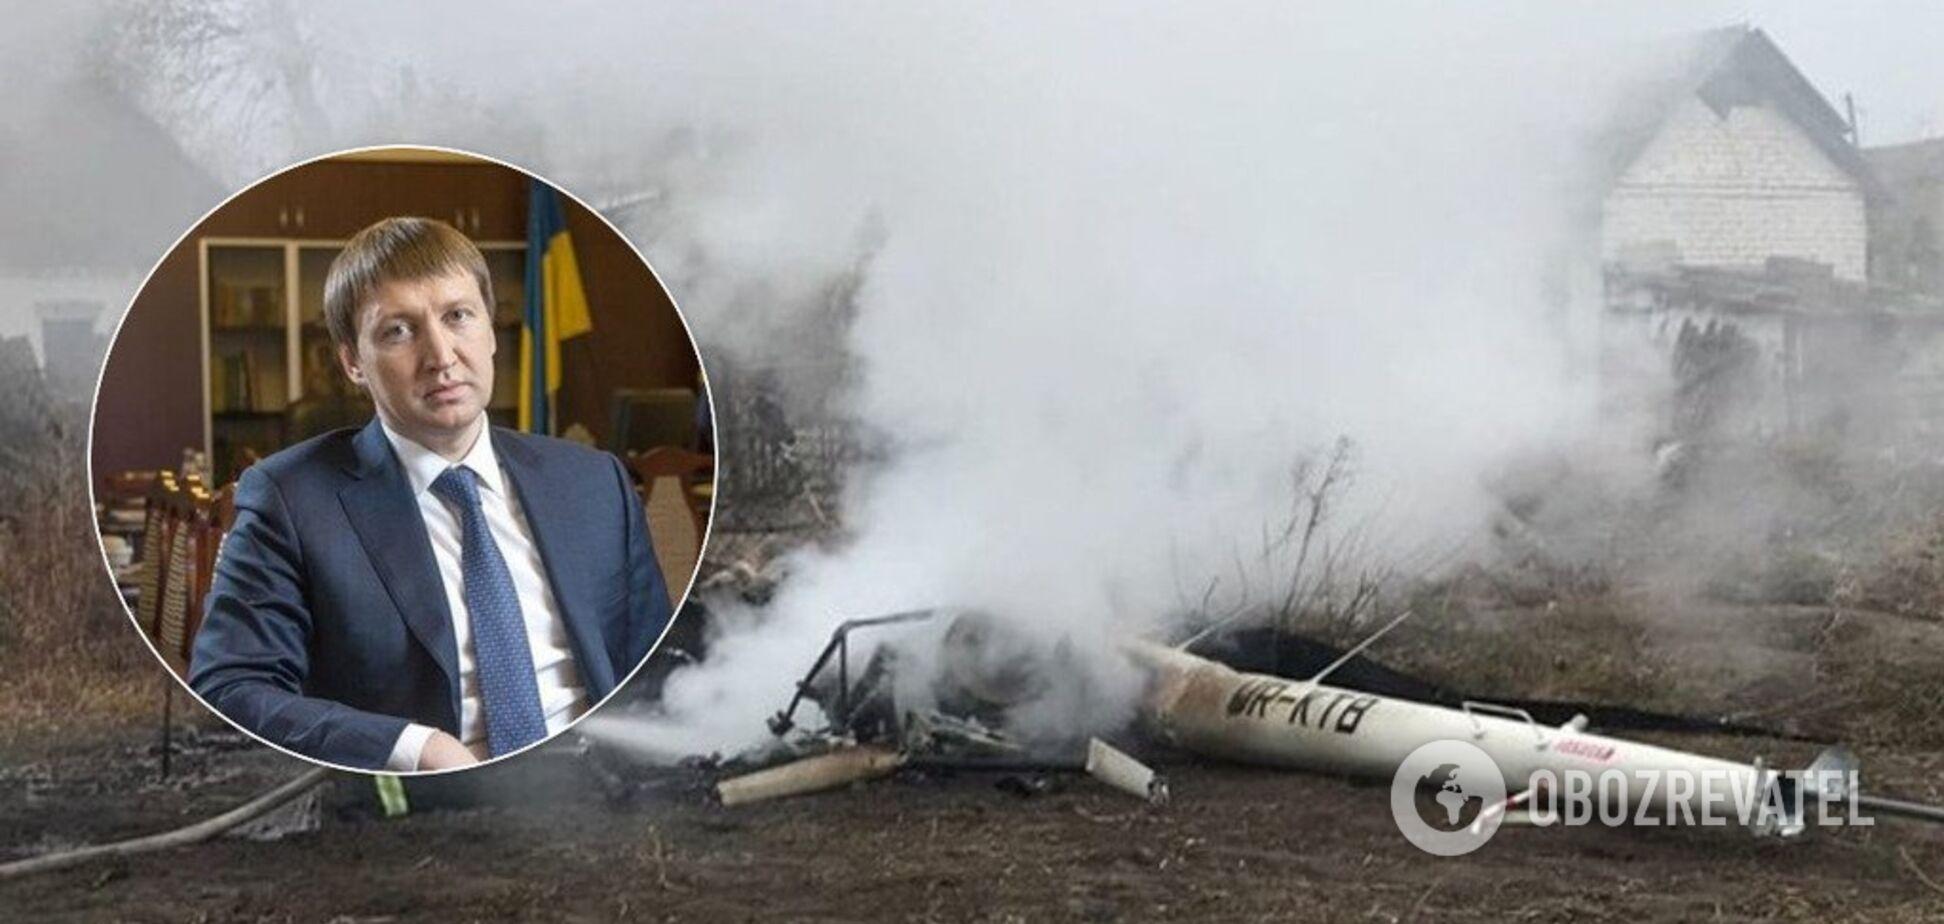 Загибель ексміністра під Полтавою: з'явилися нові подробиці і фото